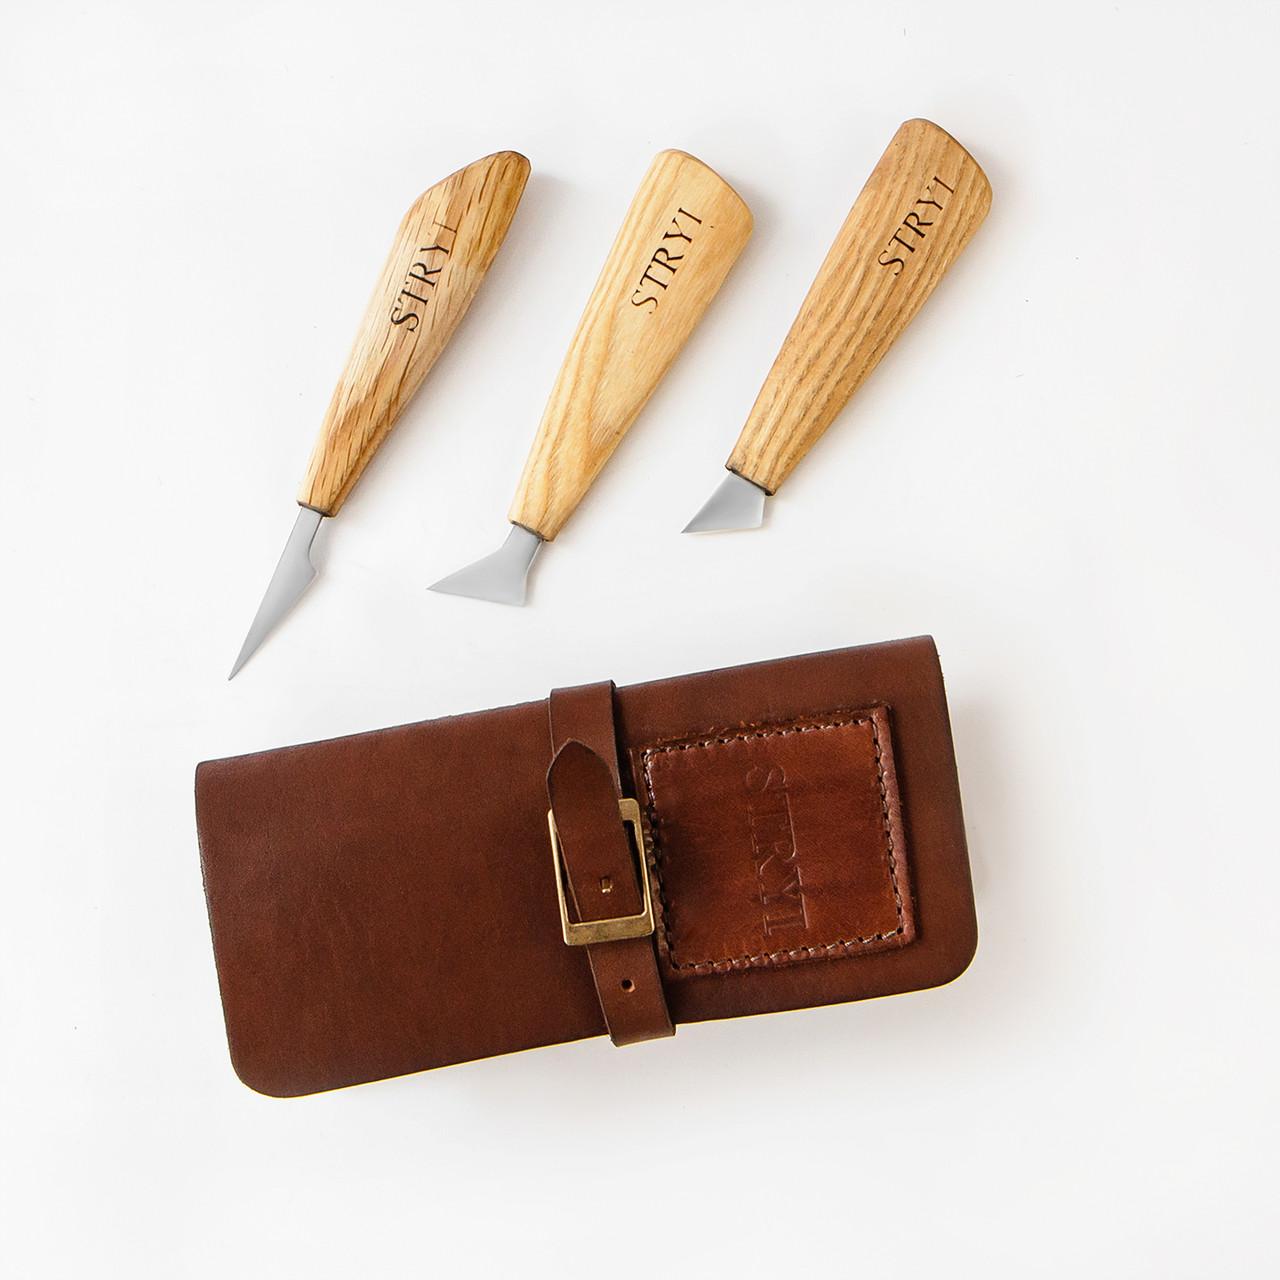 Набор ножей в кожаном чехле от производителя STRYI , 3 шт